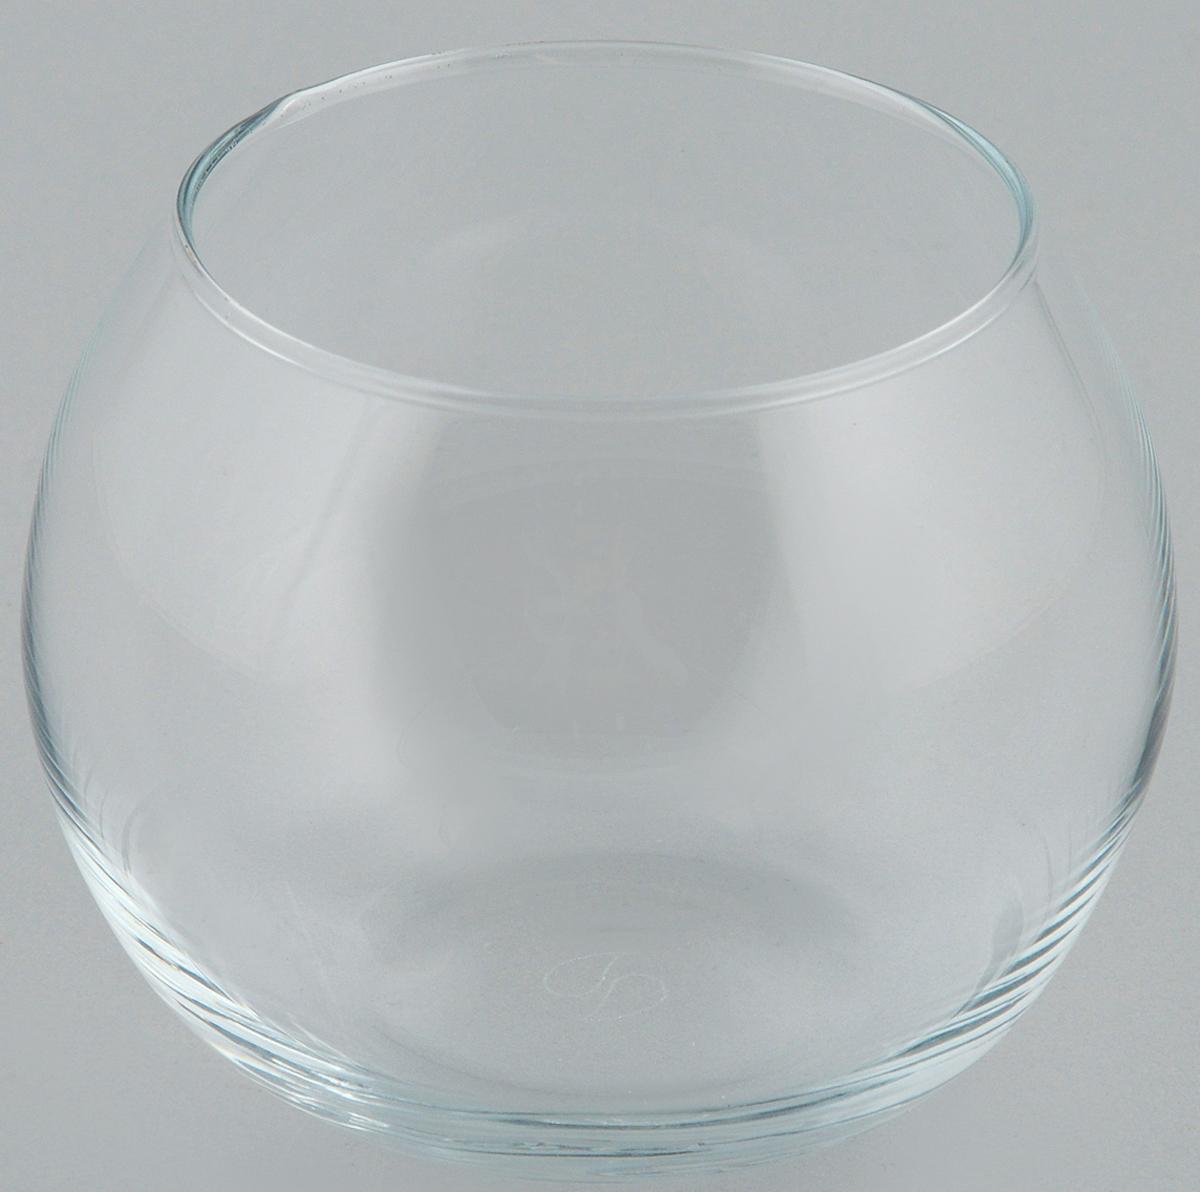 """Декоративная ваза Pasabahce """"Flora"""" выполнена  из высококачественного прозрачного стекла. Изделие придется по вкусу и ценителям классики, и  тем, кто предпочитает утонченность и изящность.  Вы можете поставить вазу в любом месте, где она  будет удачно смотреться и радовать глаз. Такая  ваза подойдет для декора интерьера. Кроме того -  это отличный вариант подарка для ваших близких и  друзей.   Высота вазы: 7,9 см."""